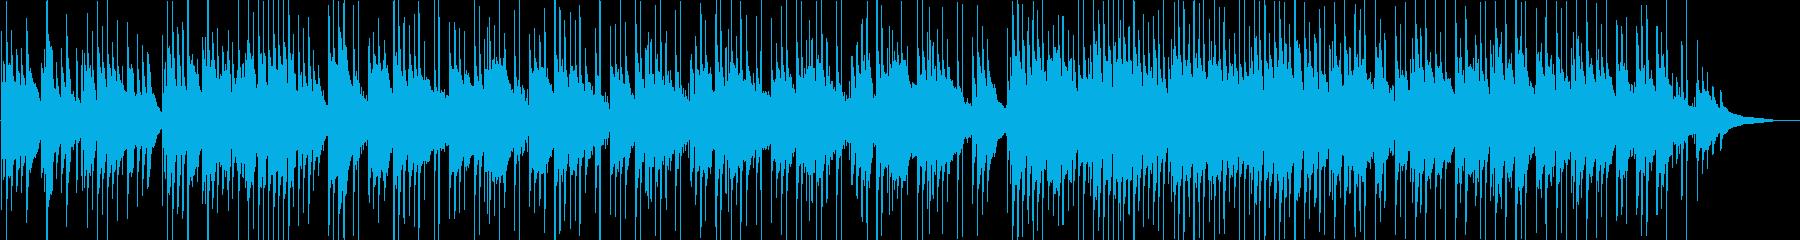 切なさ・ギター・映像・ナレーション用の再生済みの波形